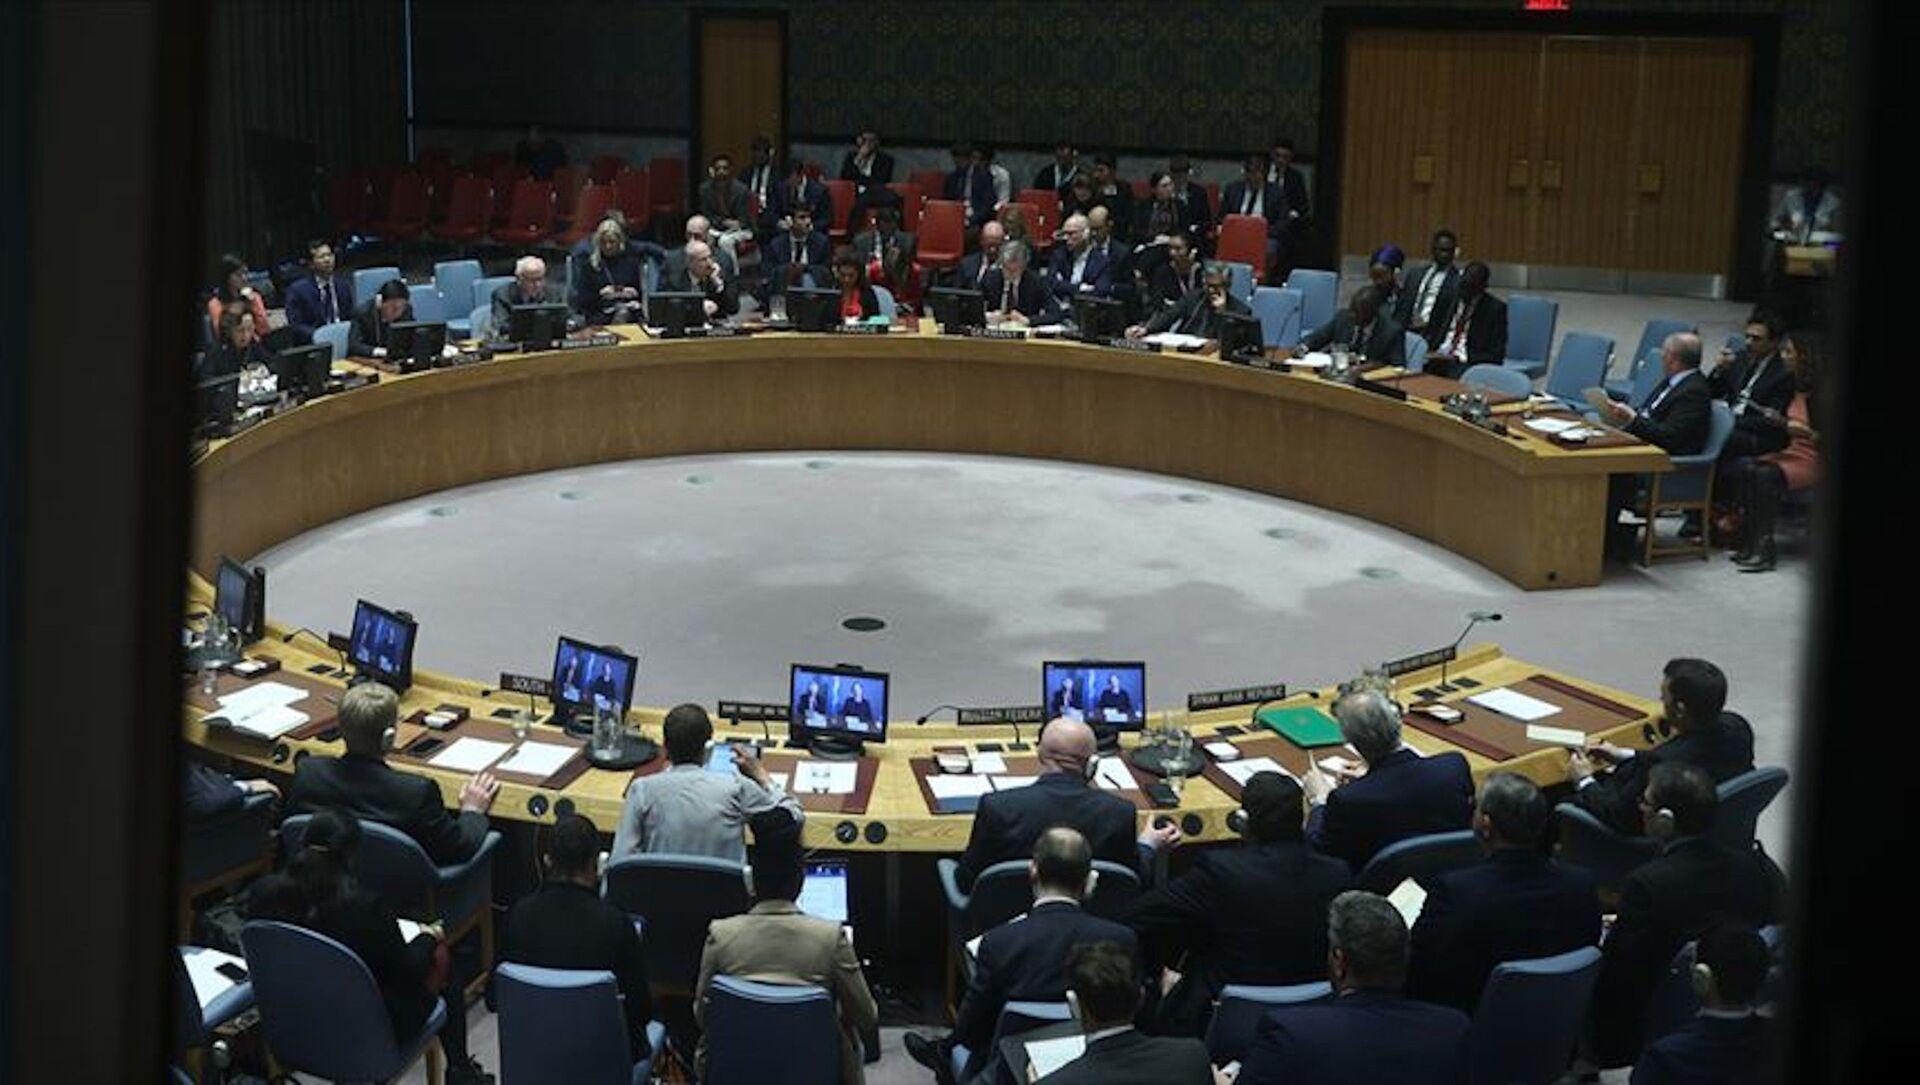 Birleşmiş Milletler Güvenlik Konseyi - Sputnik Türkiye, 1920, 28.07.2021